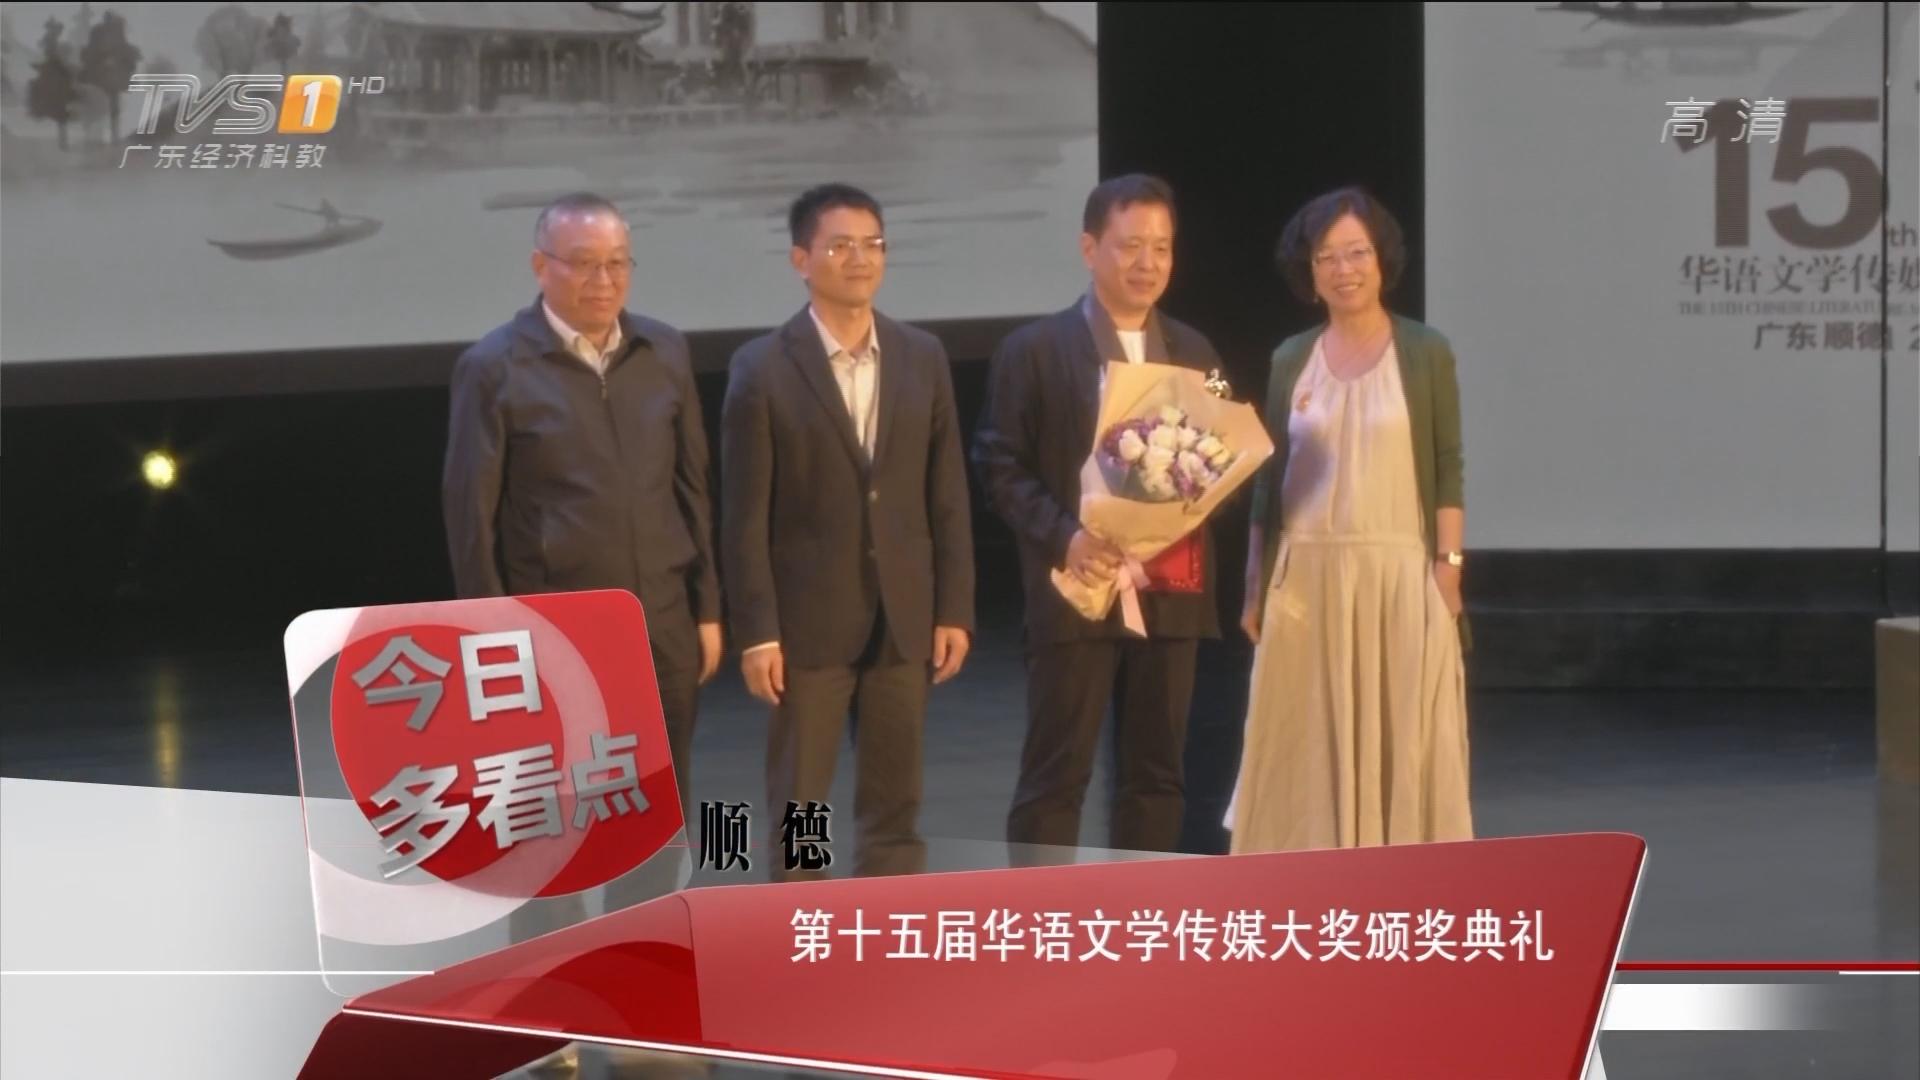 顺德:第十五届华语文学传媒大奖颁奖典礼